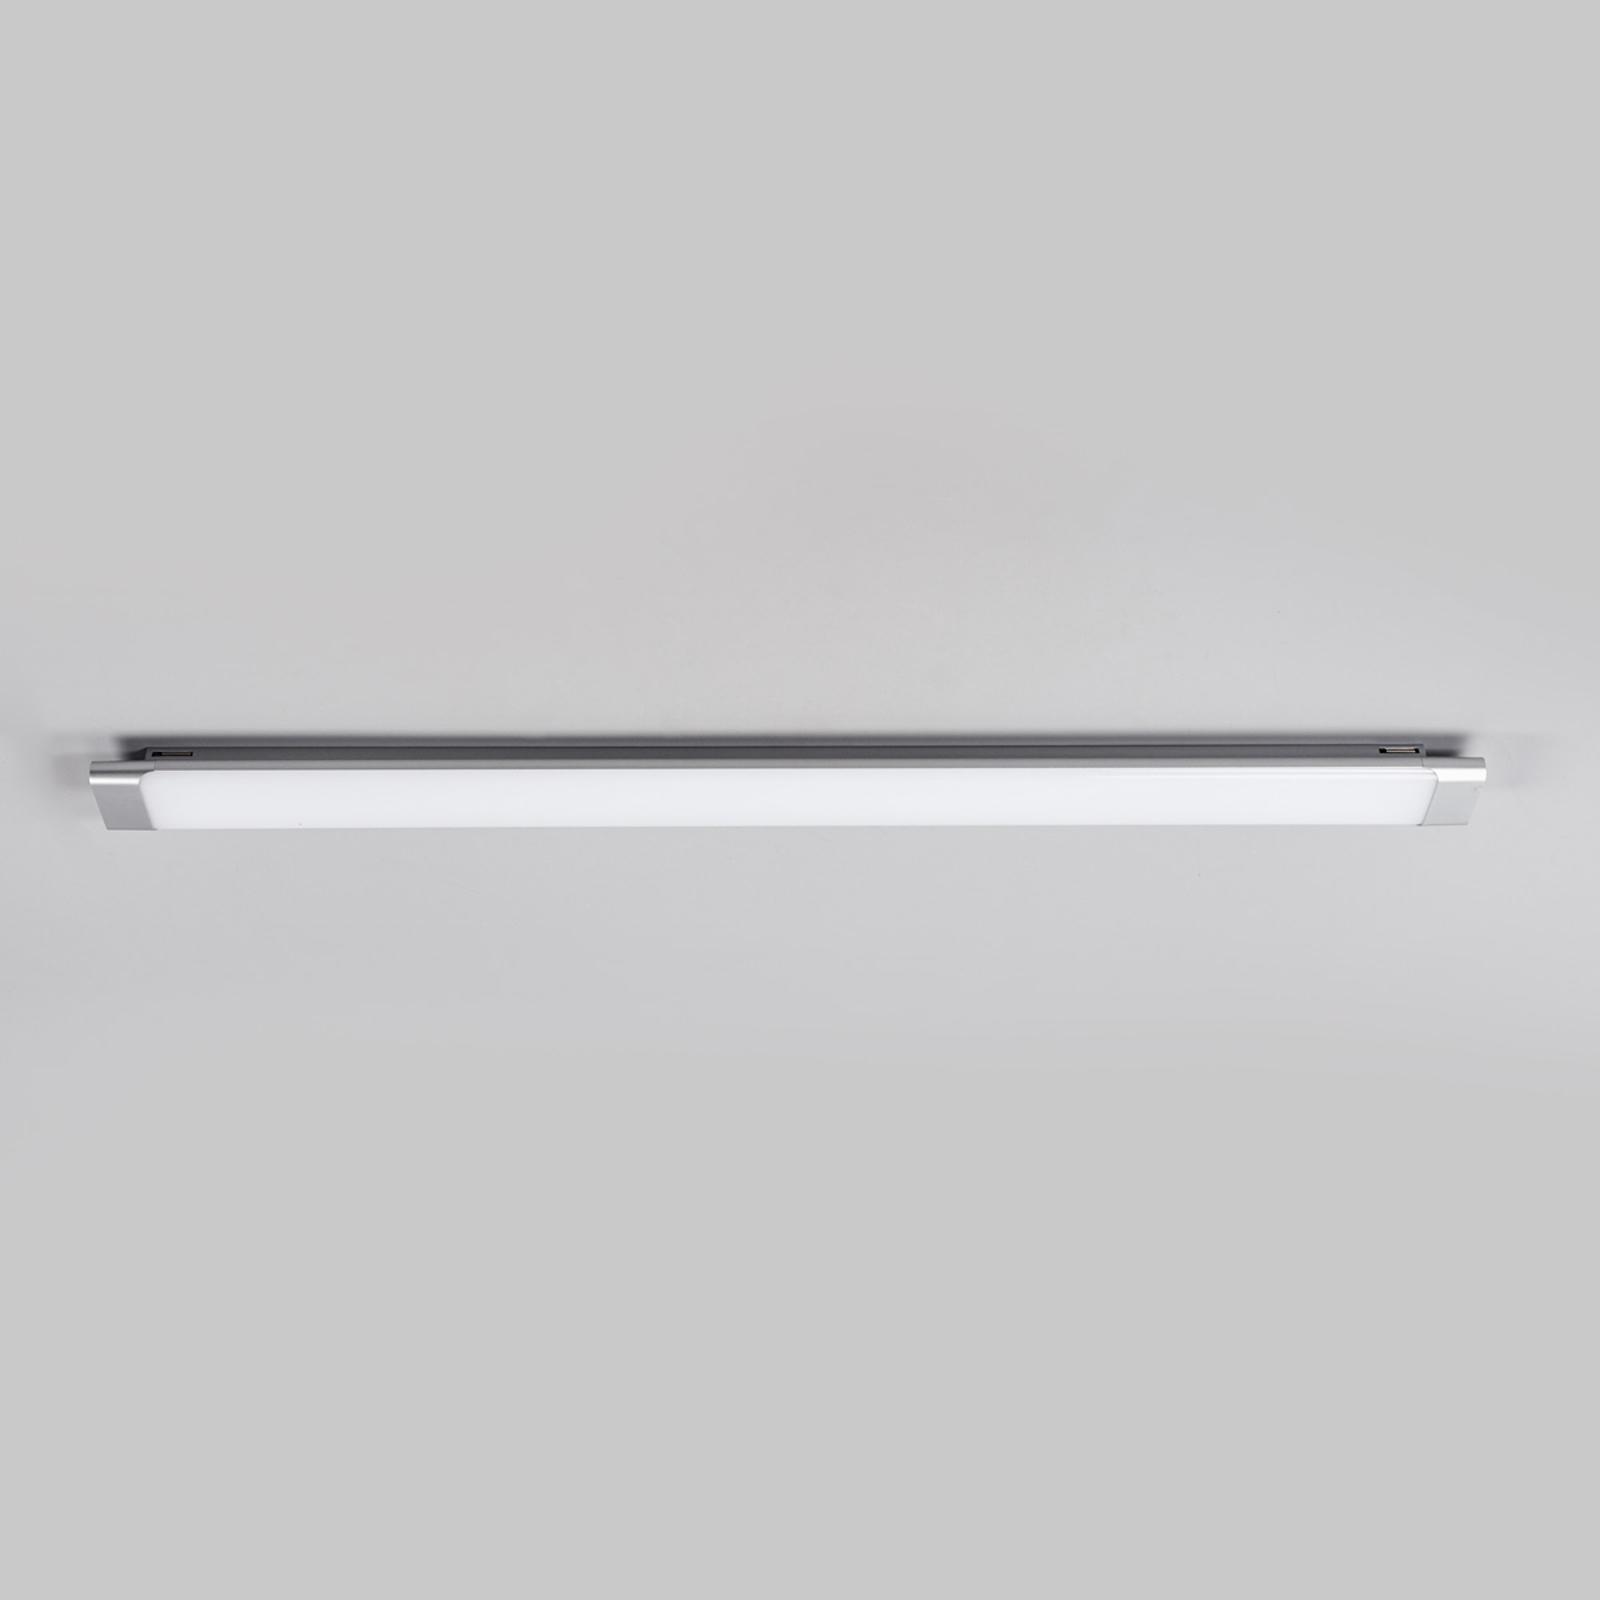 Plafonnier LED Vinca, 120 cm